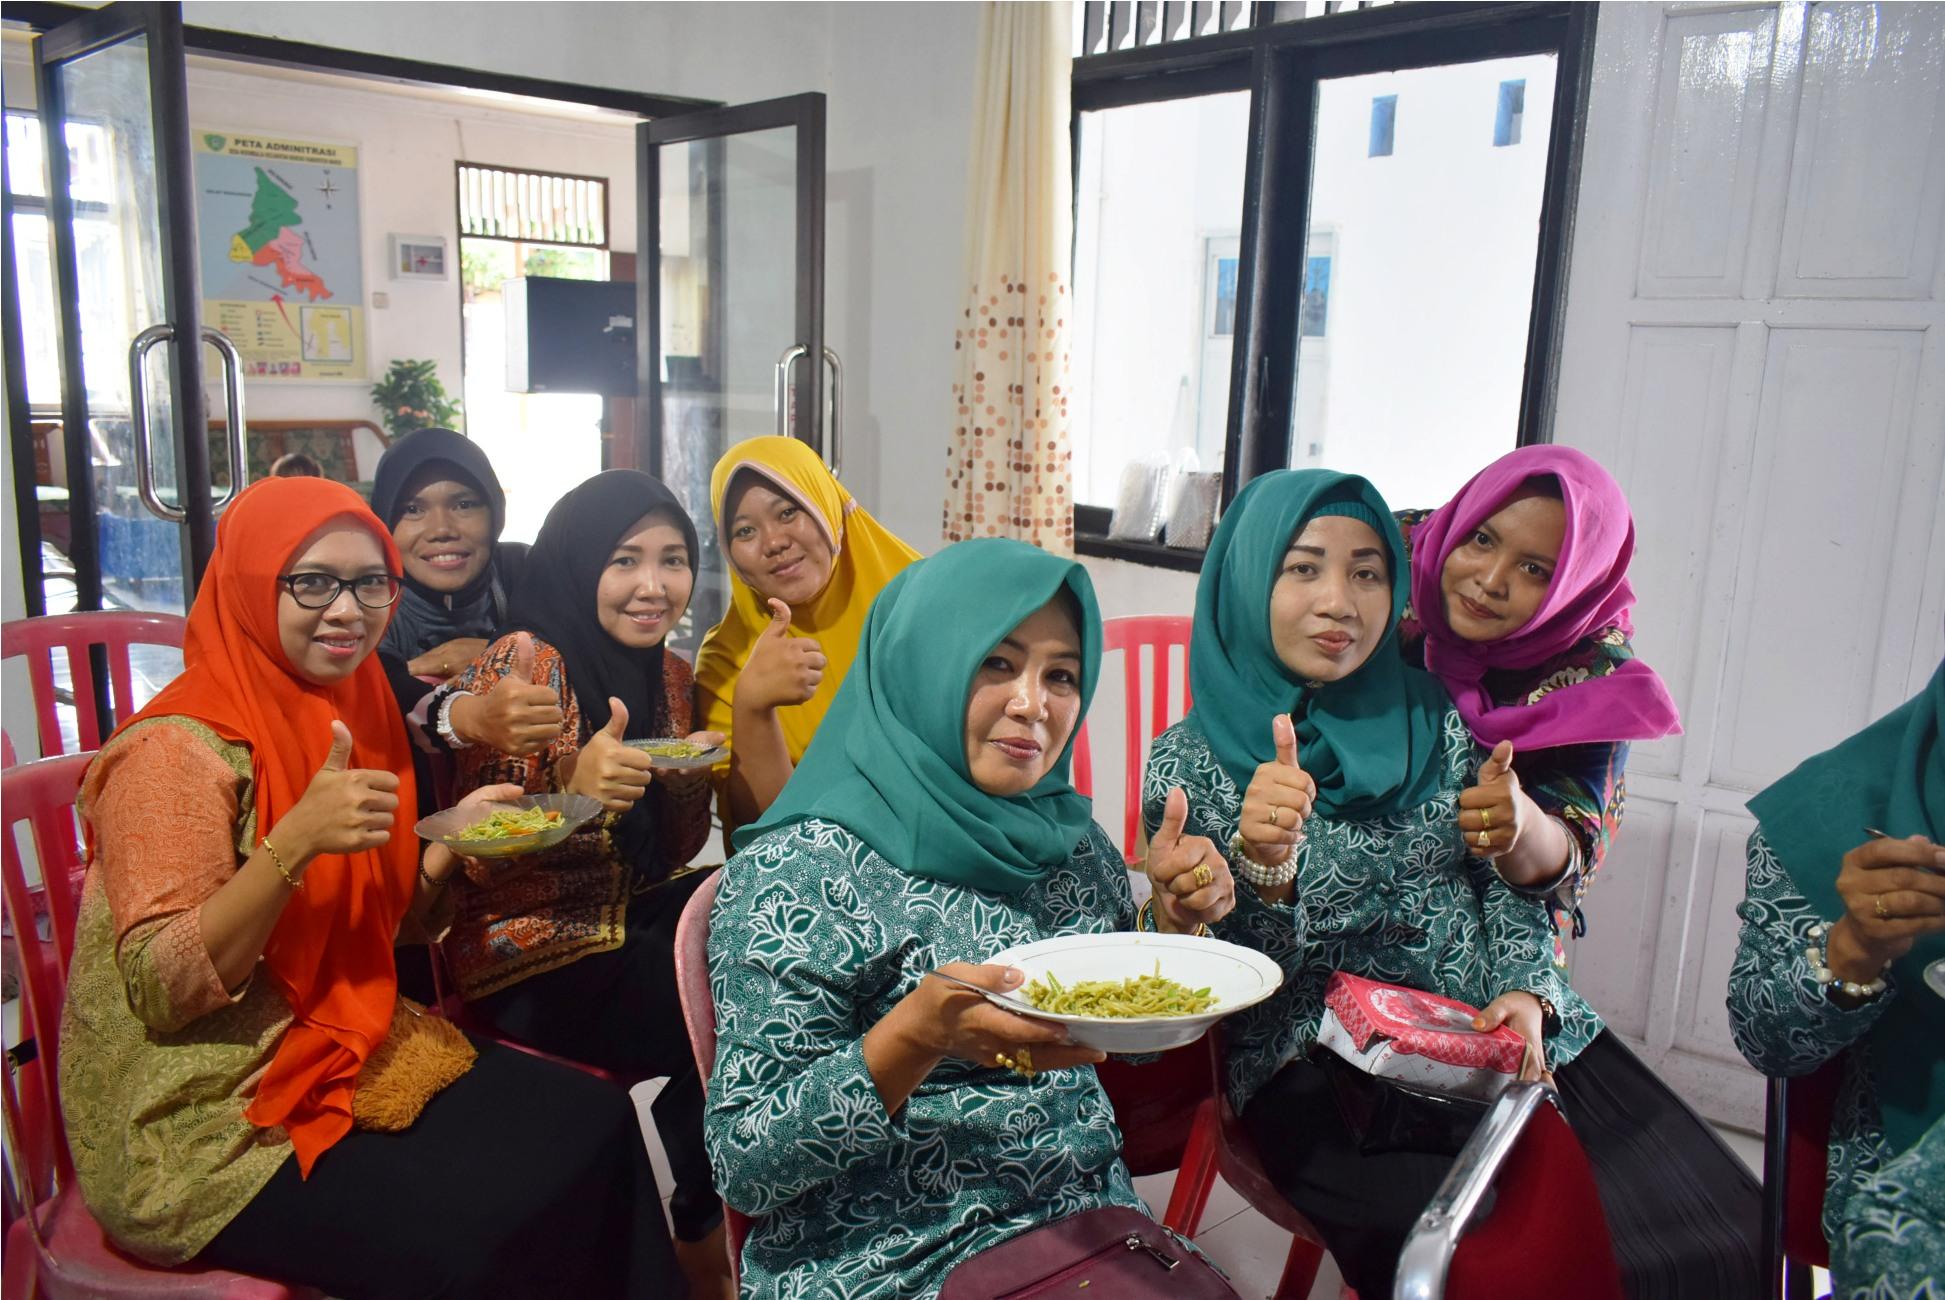 Masyarakat Desa Nisombalia Dusun Mambue, Kecamatan Marusu, Kabupaten Maros mencicipi mie daun kelor hasil penelitan mahasiswa Unibos yang tergabung dalam Tim PKM-M Unibos . (FOTO: IST)